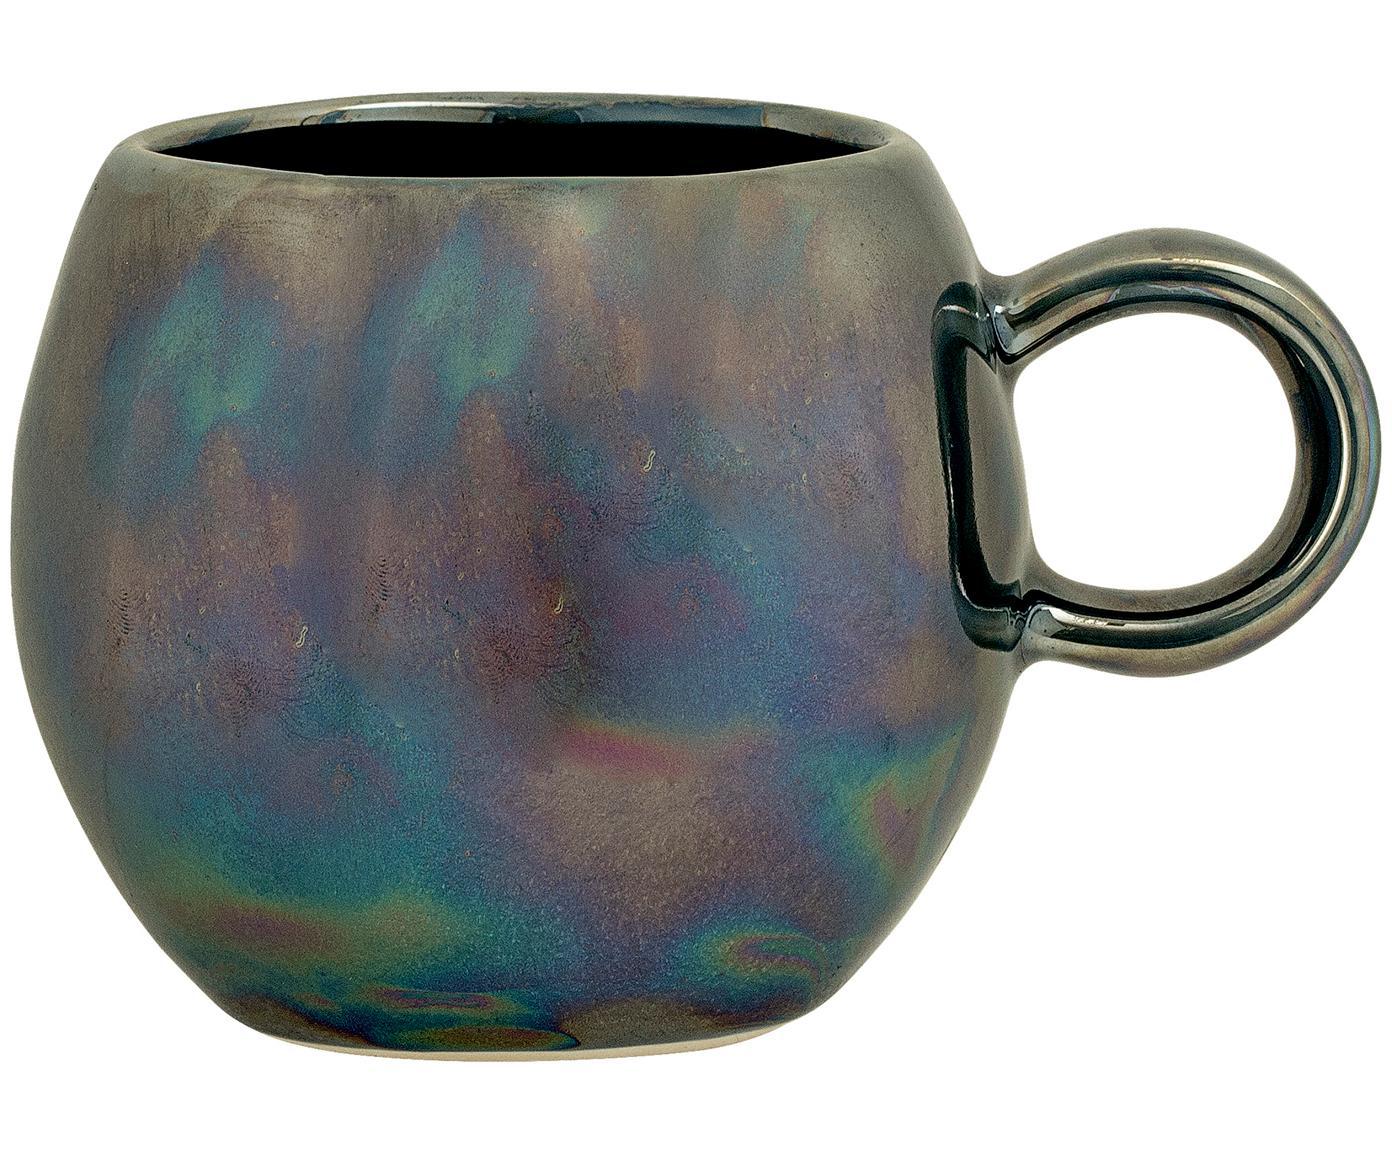 Tazza Paula, Ceramica, Tonalità blu, verde, Ø 9 x A 8 cm